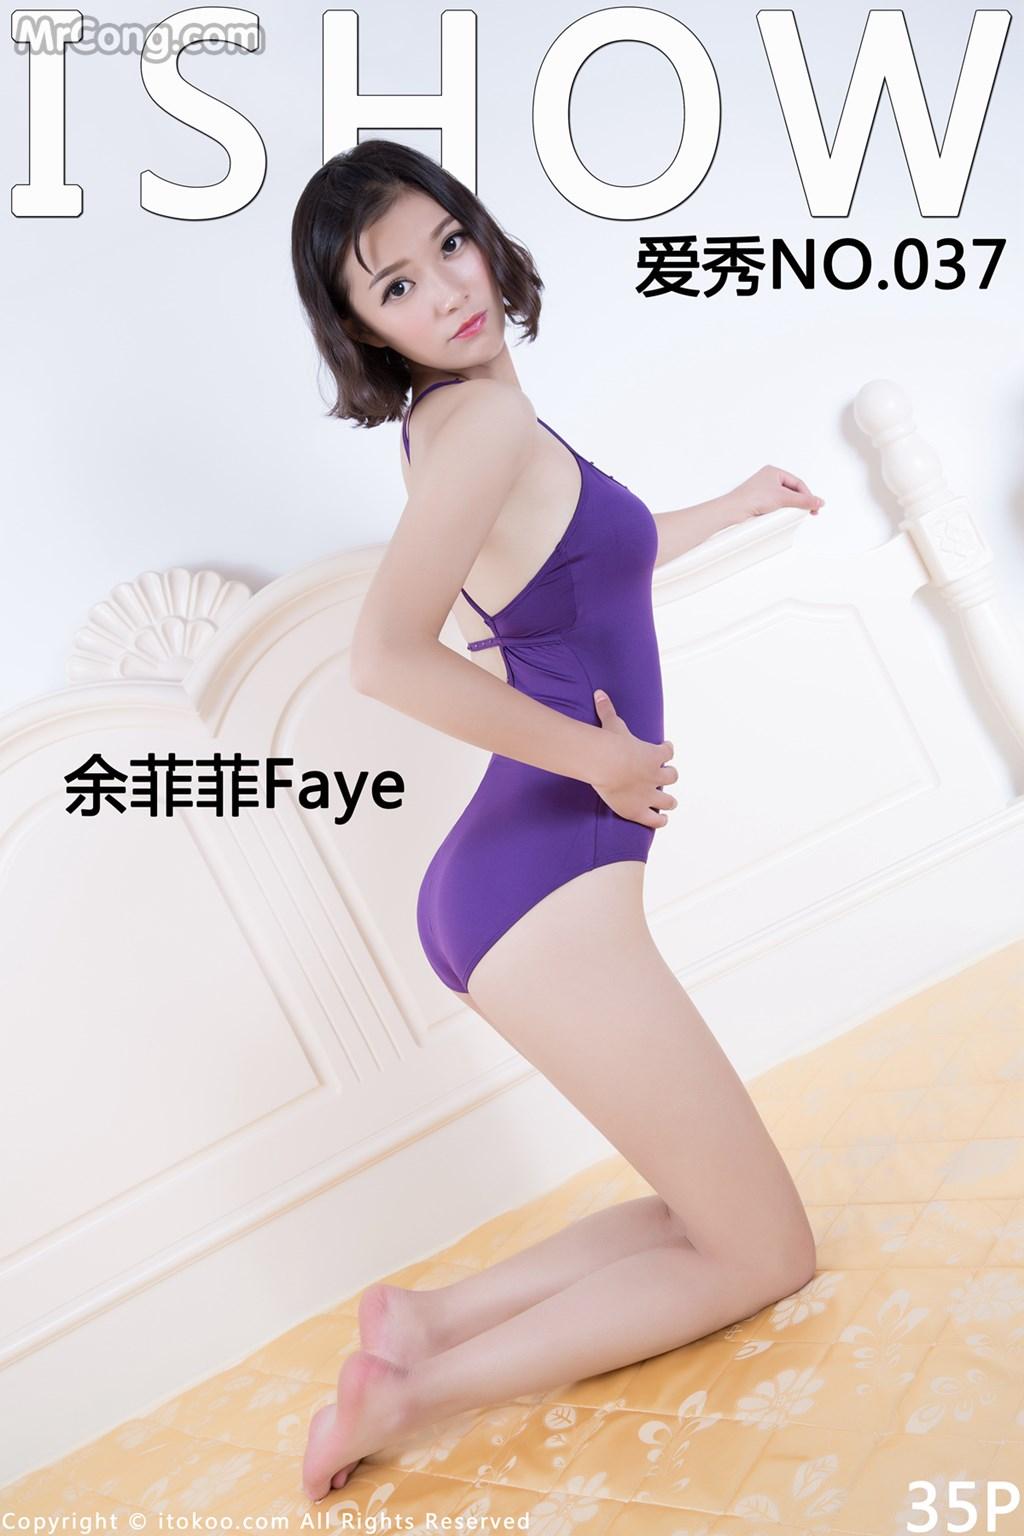 ISHOW No.037: Người mẫu Yu Fei Fei (余菲菲Faye) (36 ảnh)